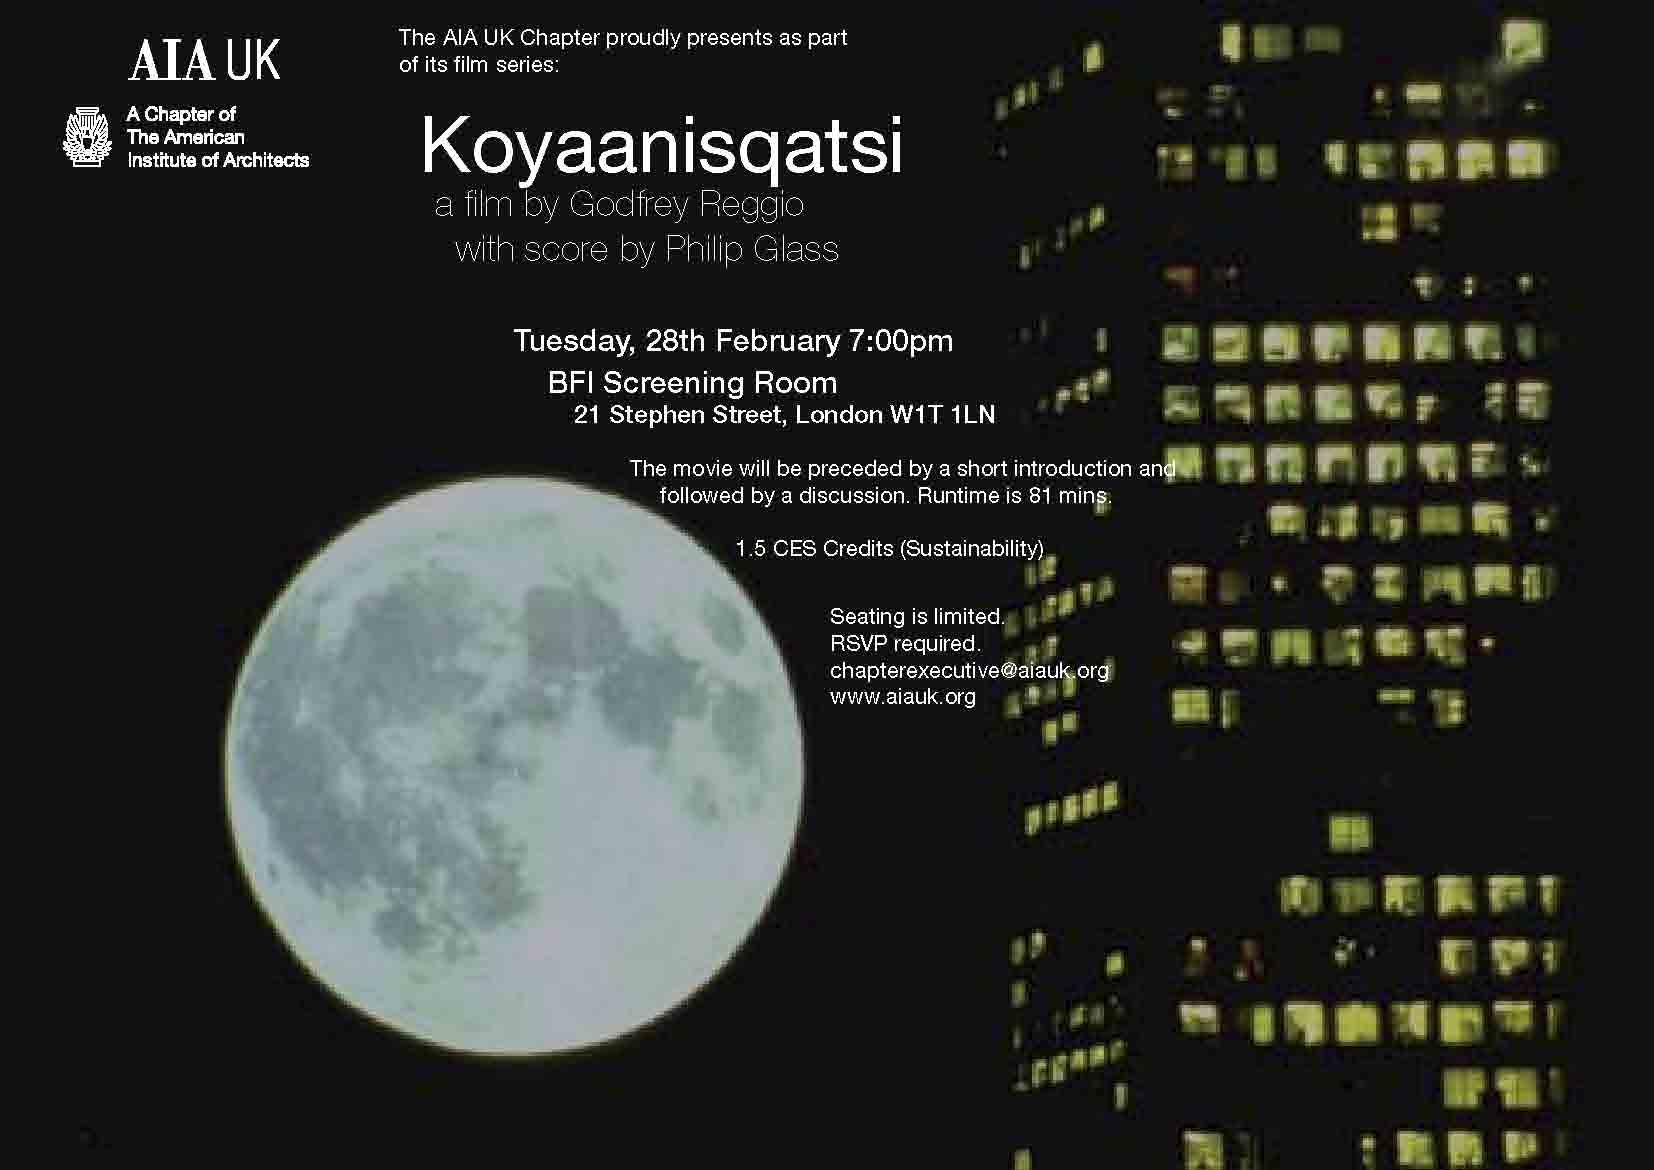 Koyannisqatsi Film Night